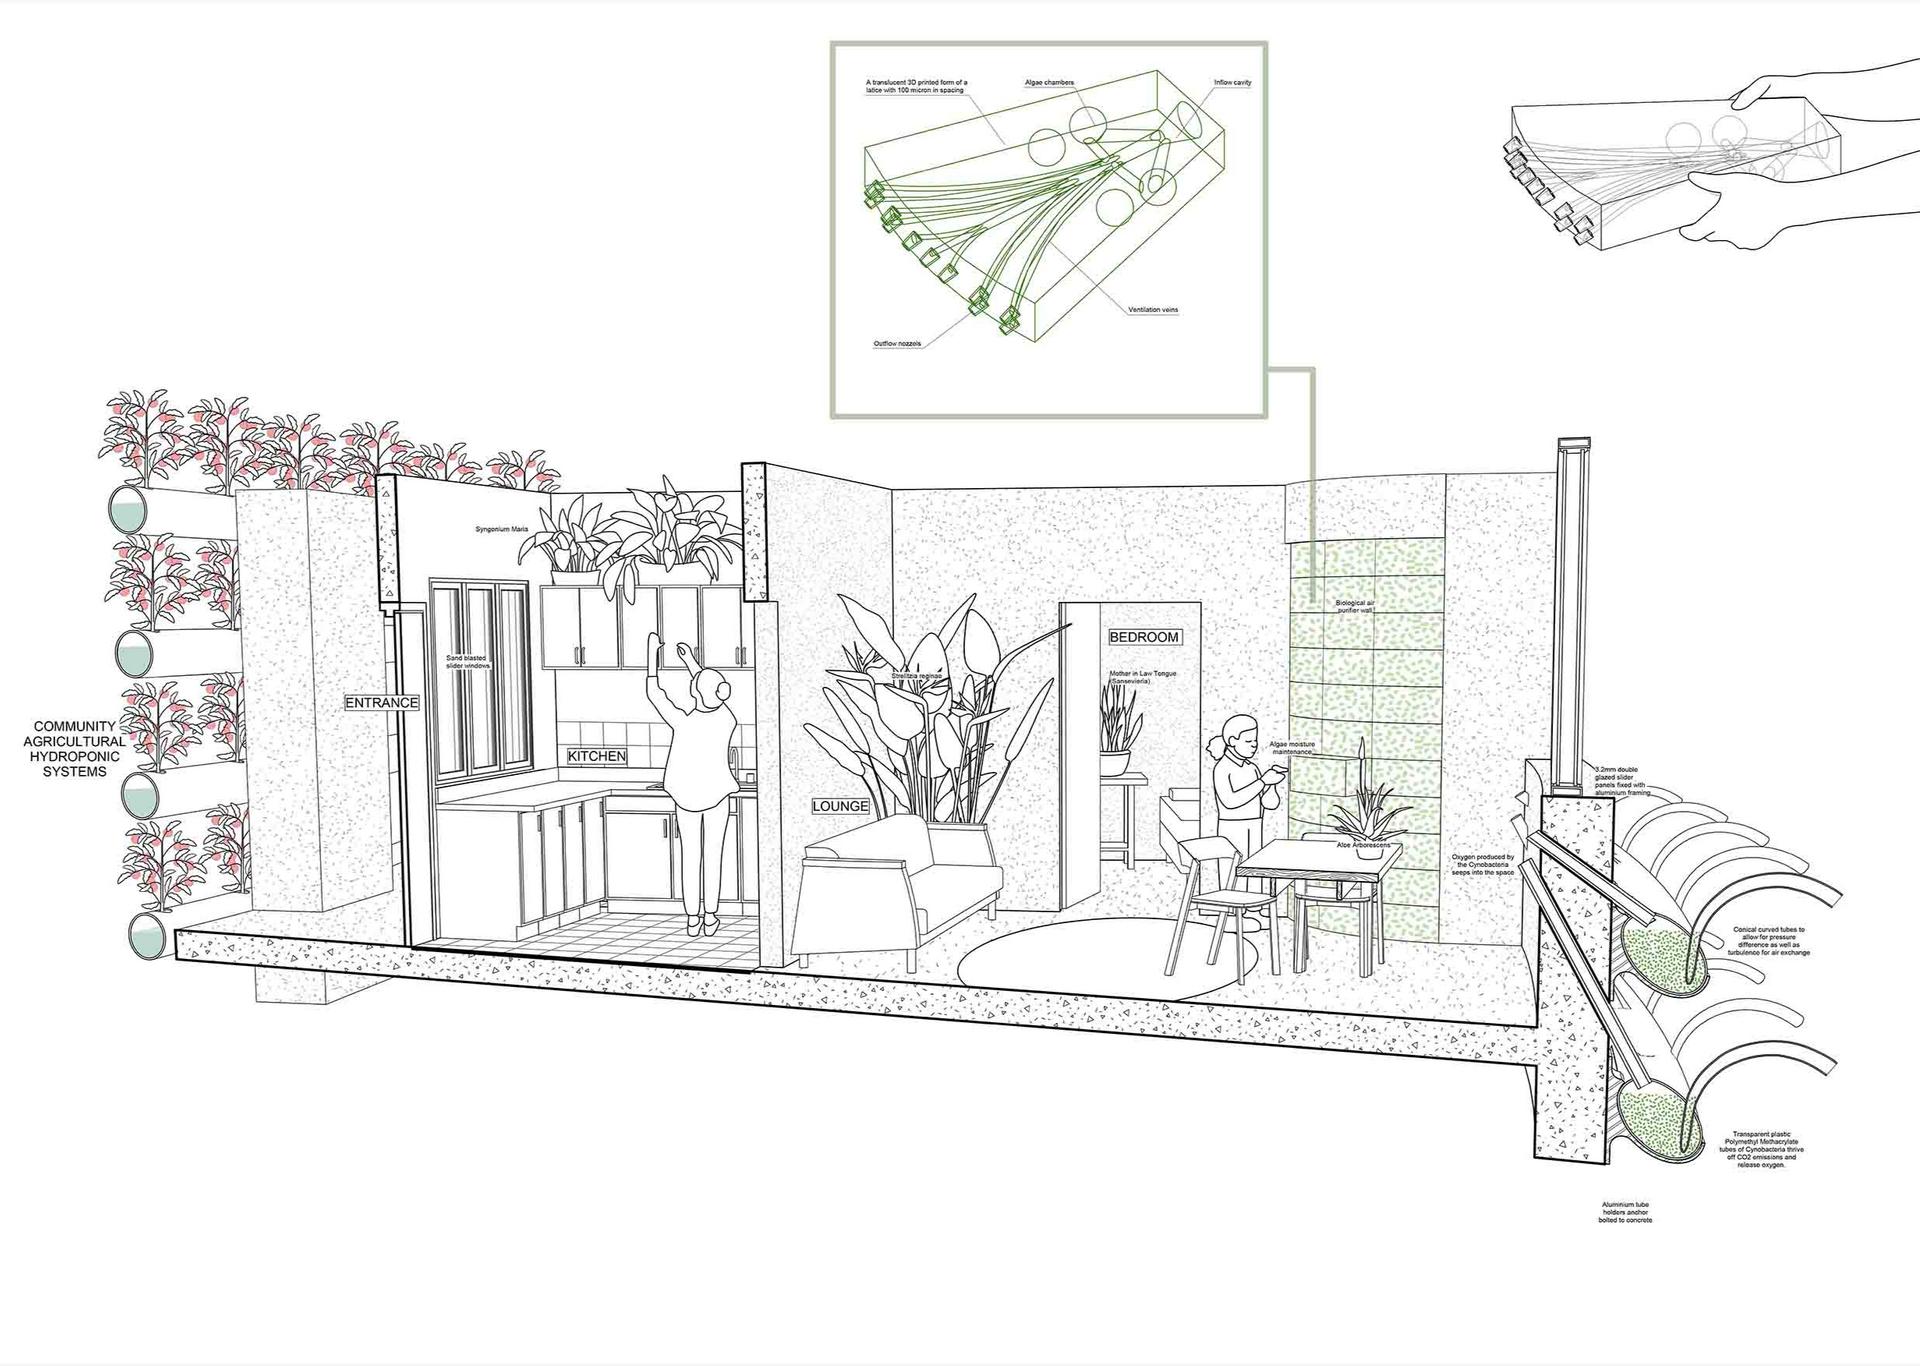 Apartment eye level section. Pottie, A. Unit 13. 2020.